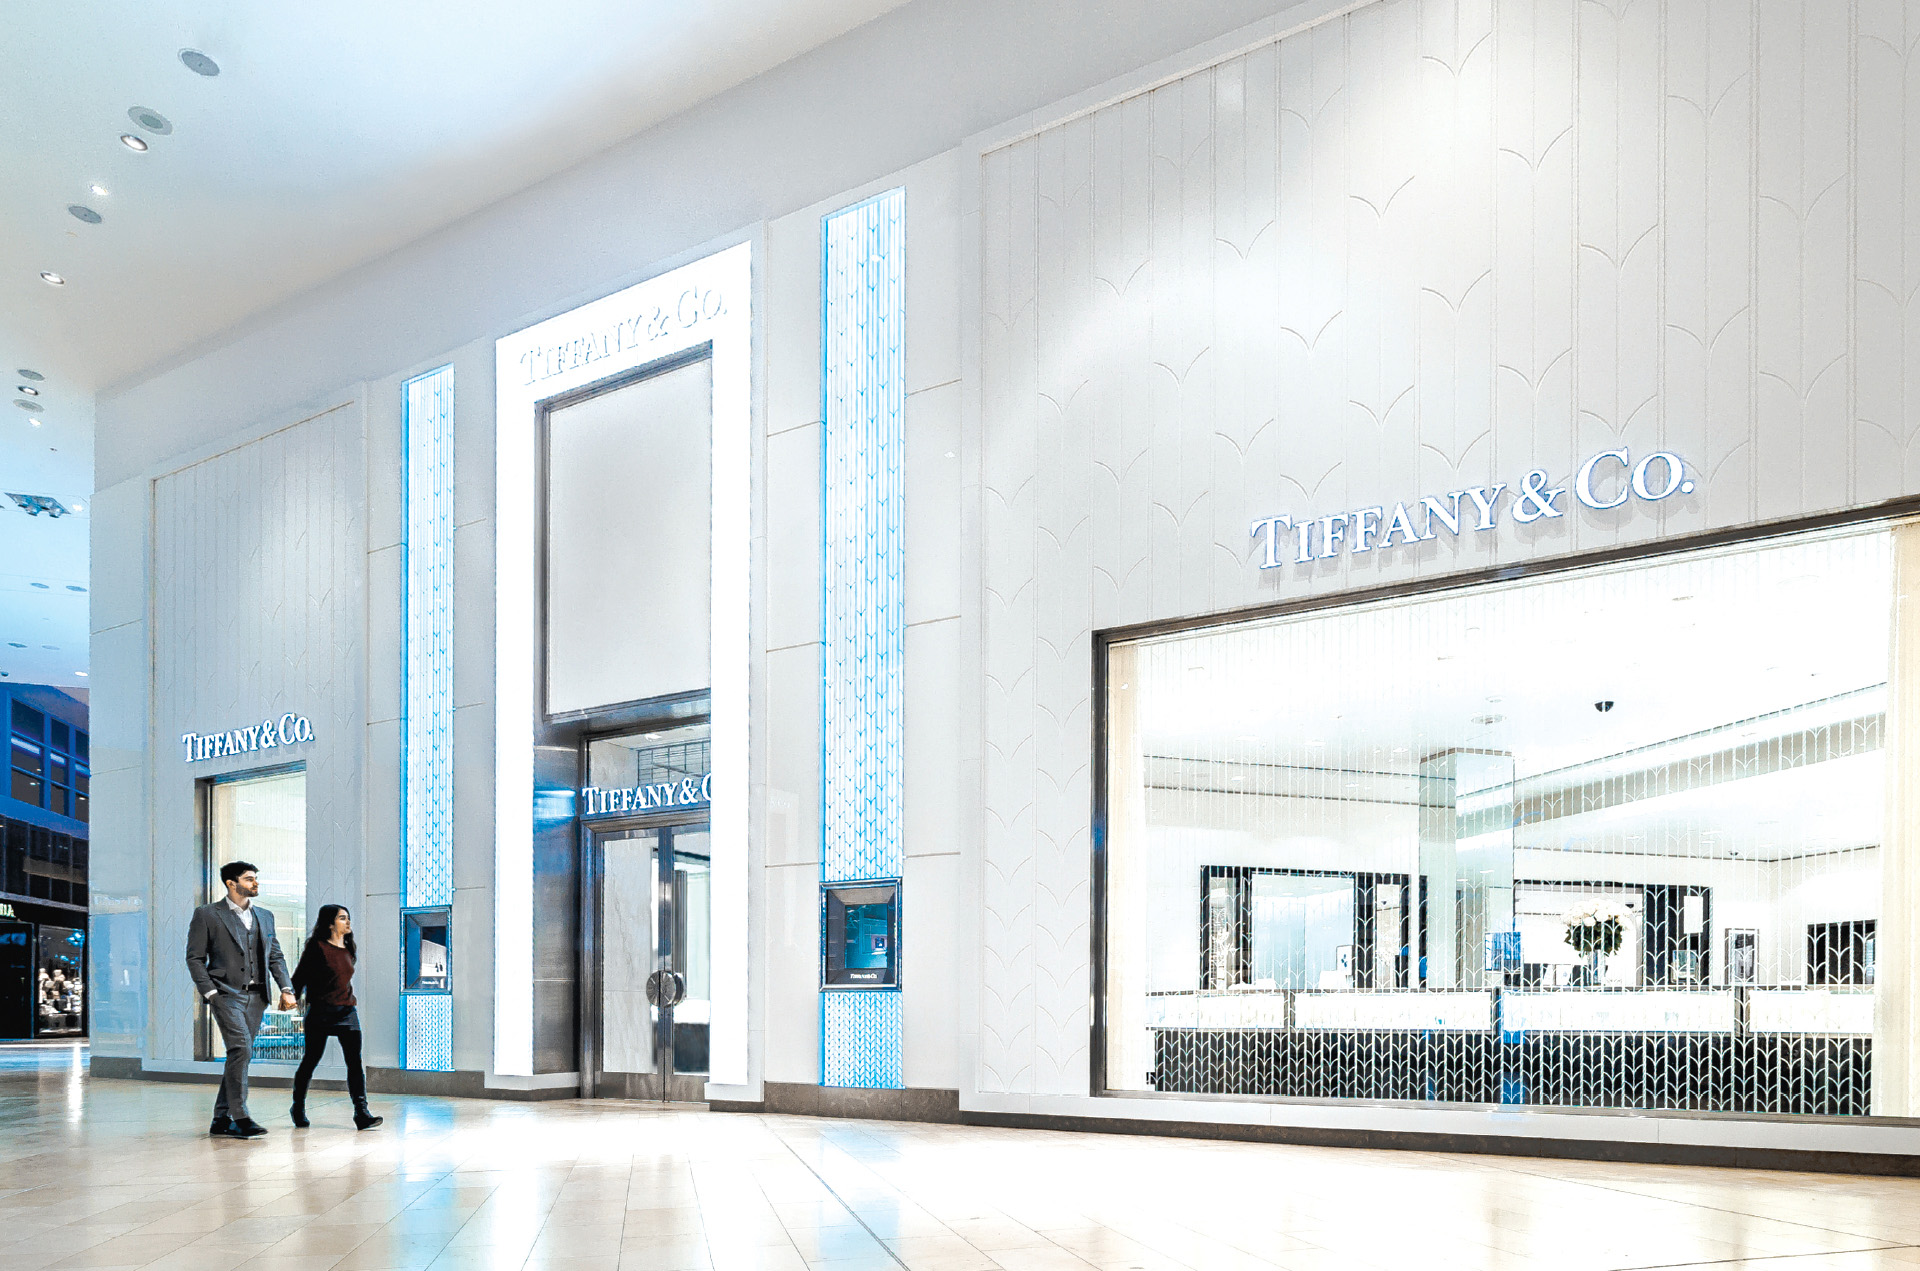 Tiffany front